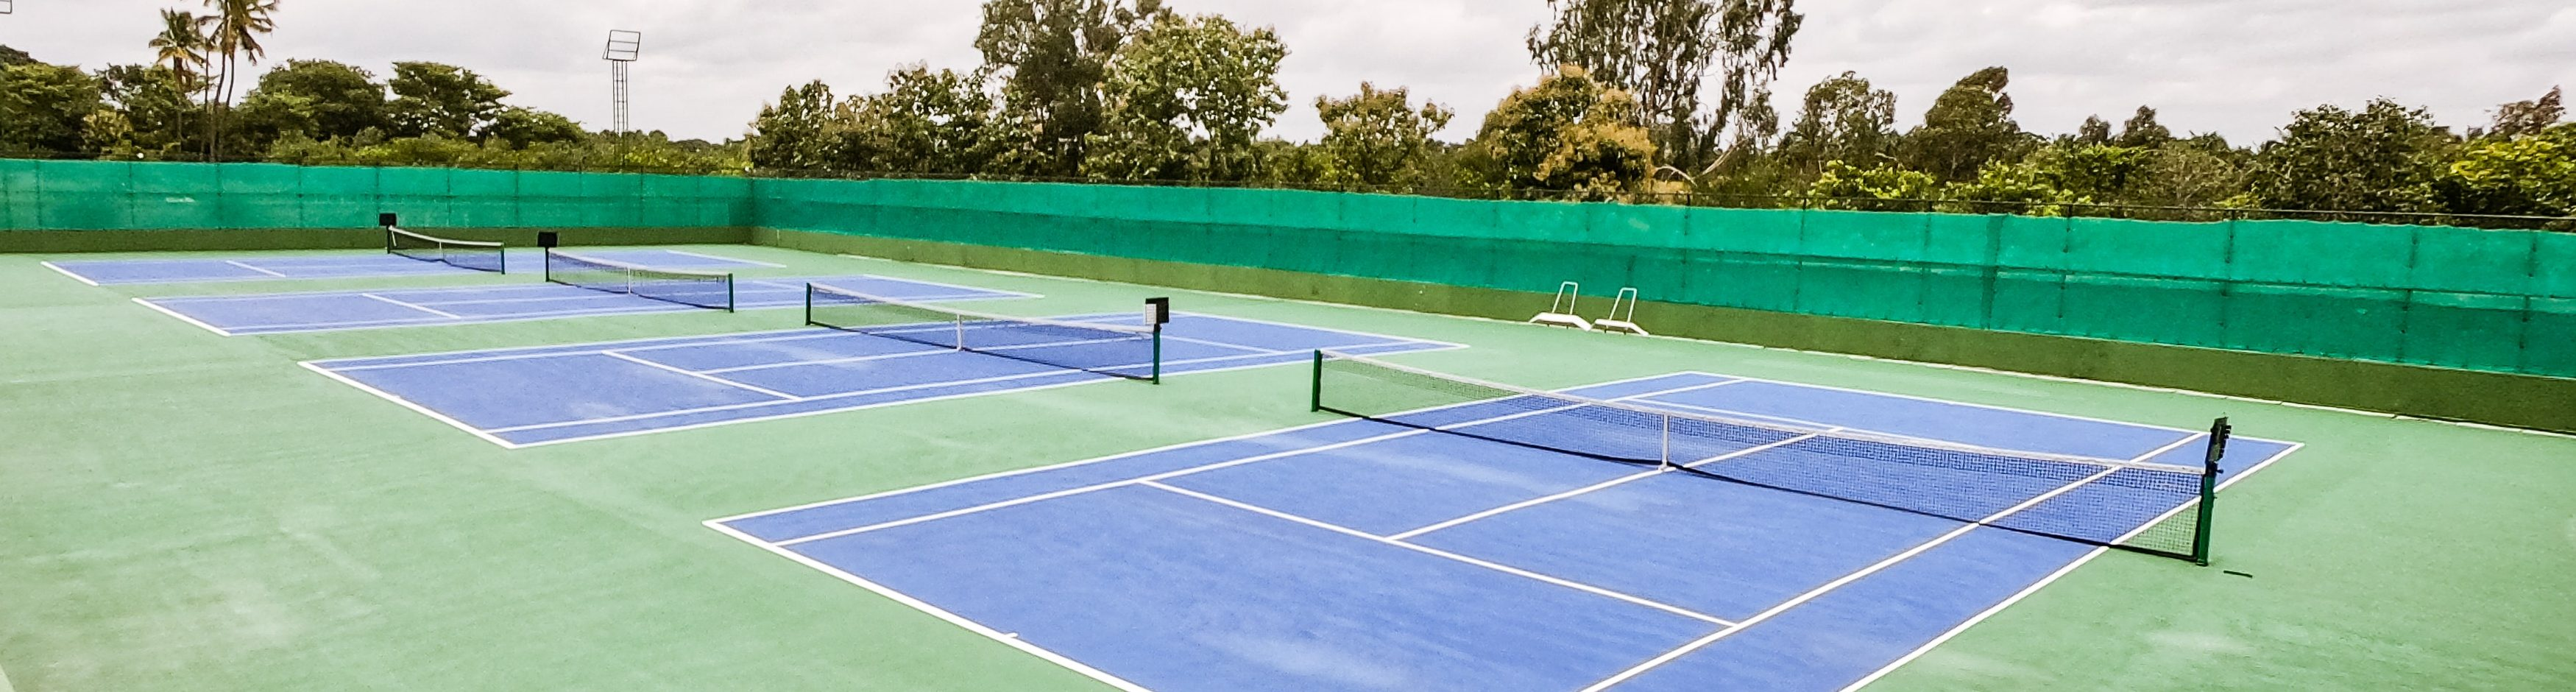 Vi skriver om idrottspsykologi och självförtroende, vi har även ett exempel hur man kan göra inom tennis, och därför passar det bra med en bild på tennisbanor..